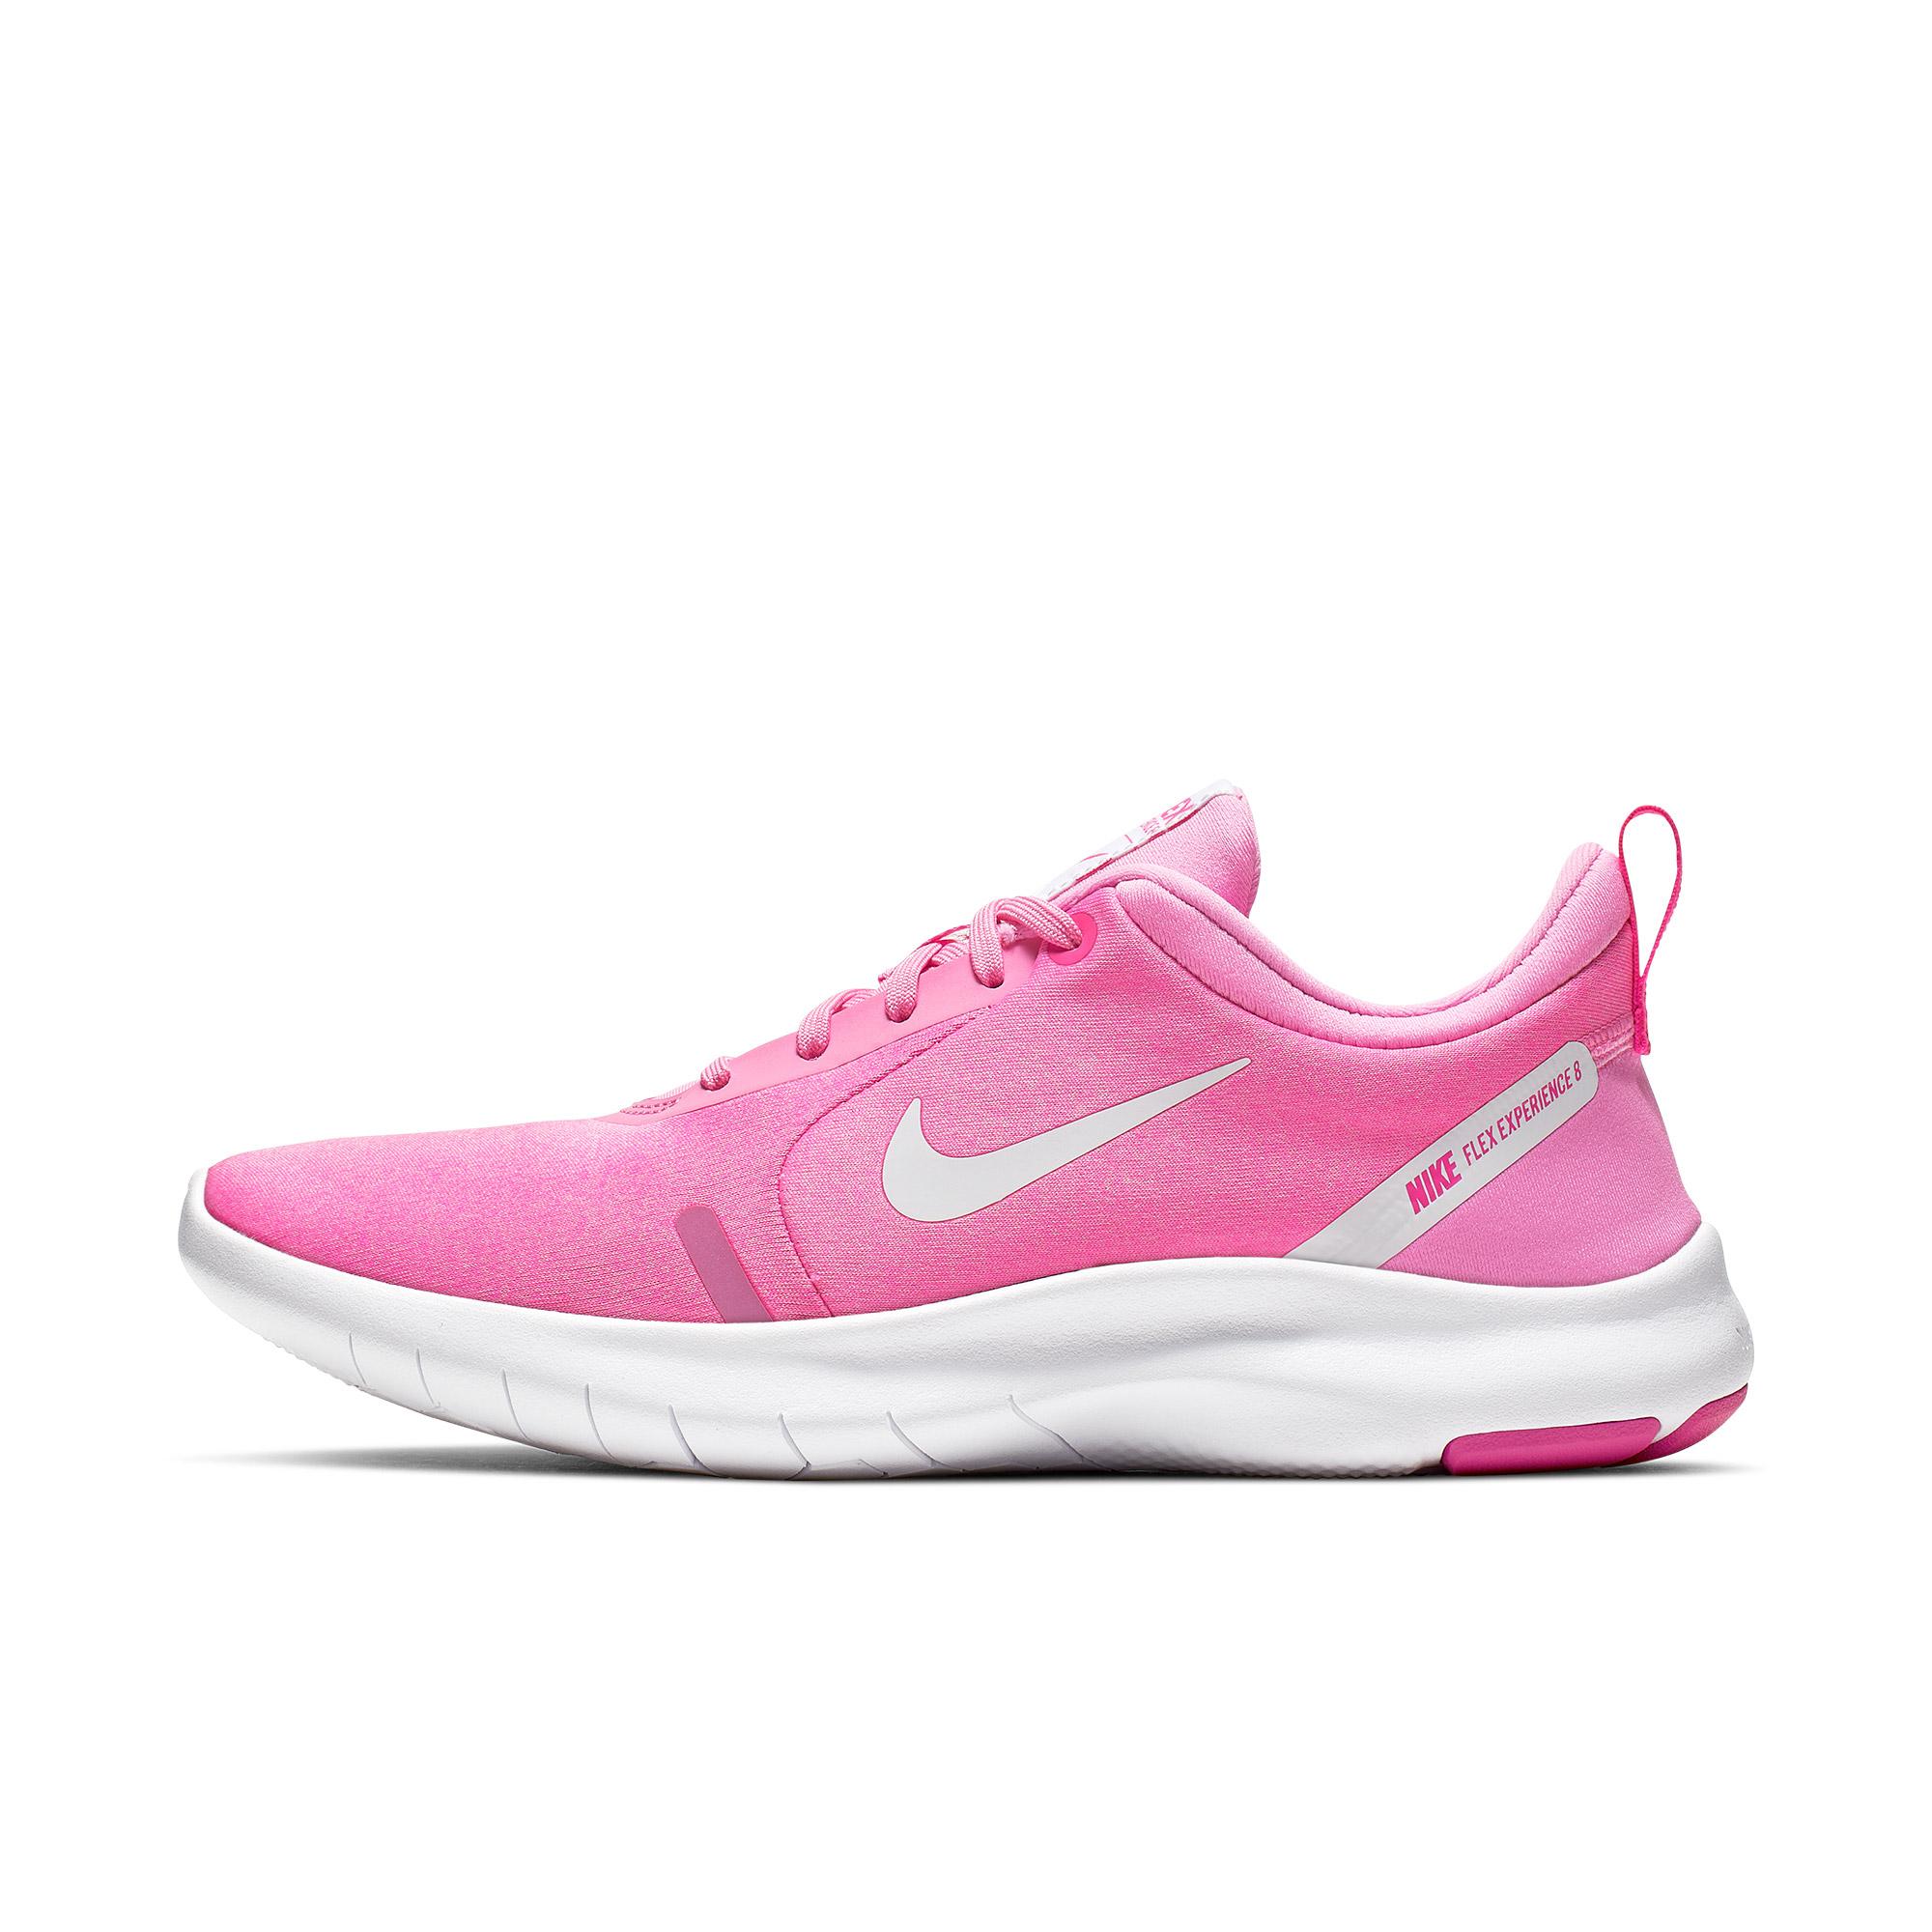 359.00元包邮nike 2019夏季粉色透气跑步鞋女鞋